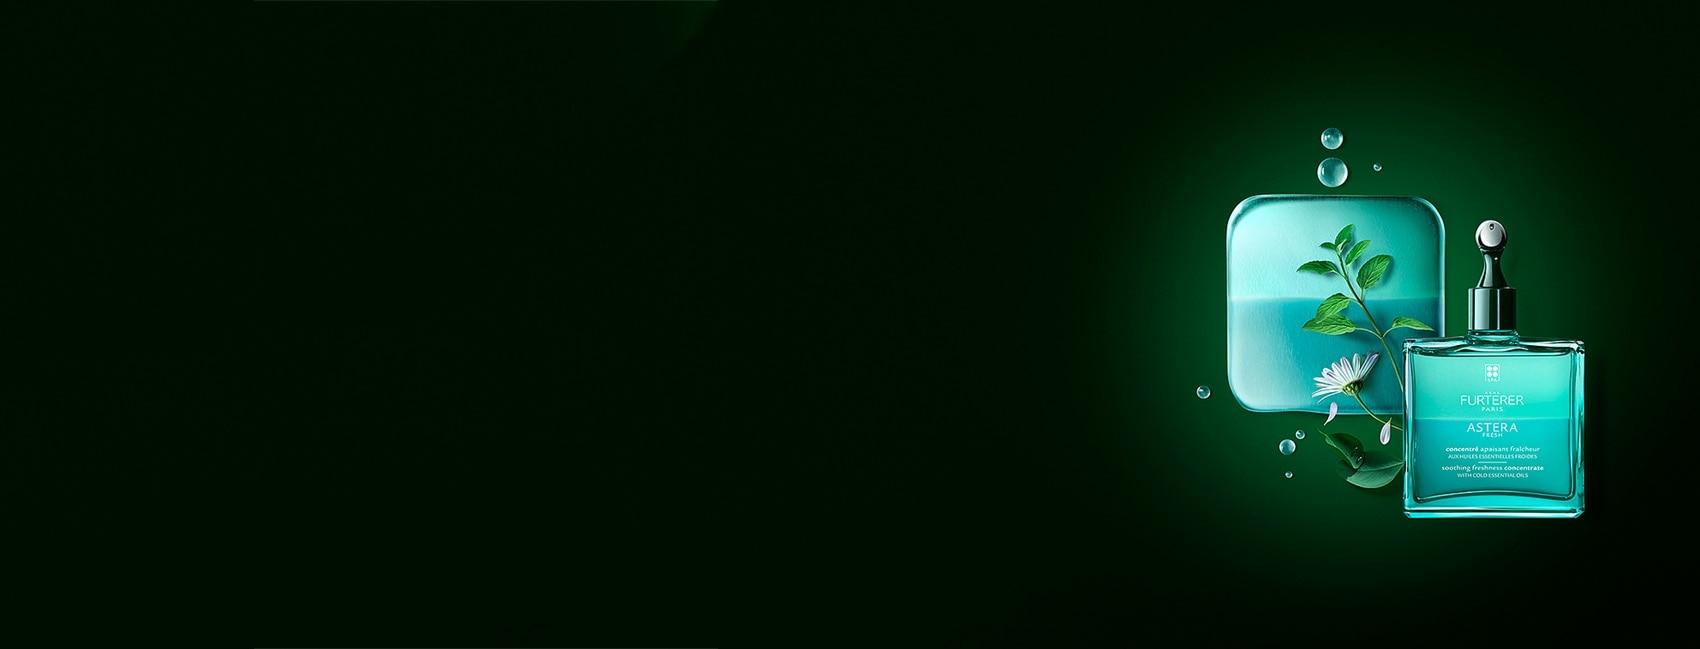 ASTERA FRESH - Rituale lenitivo effetto freschezza - Cuoio capelluto irritato | René Furterer